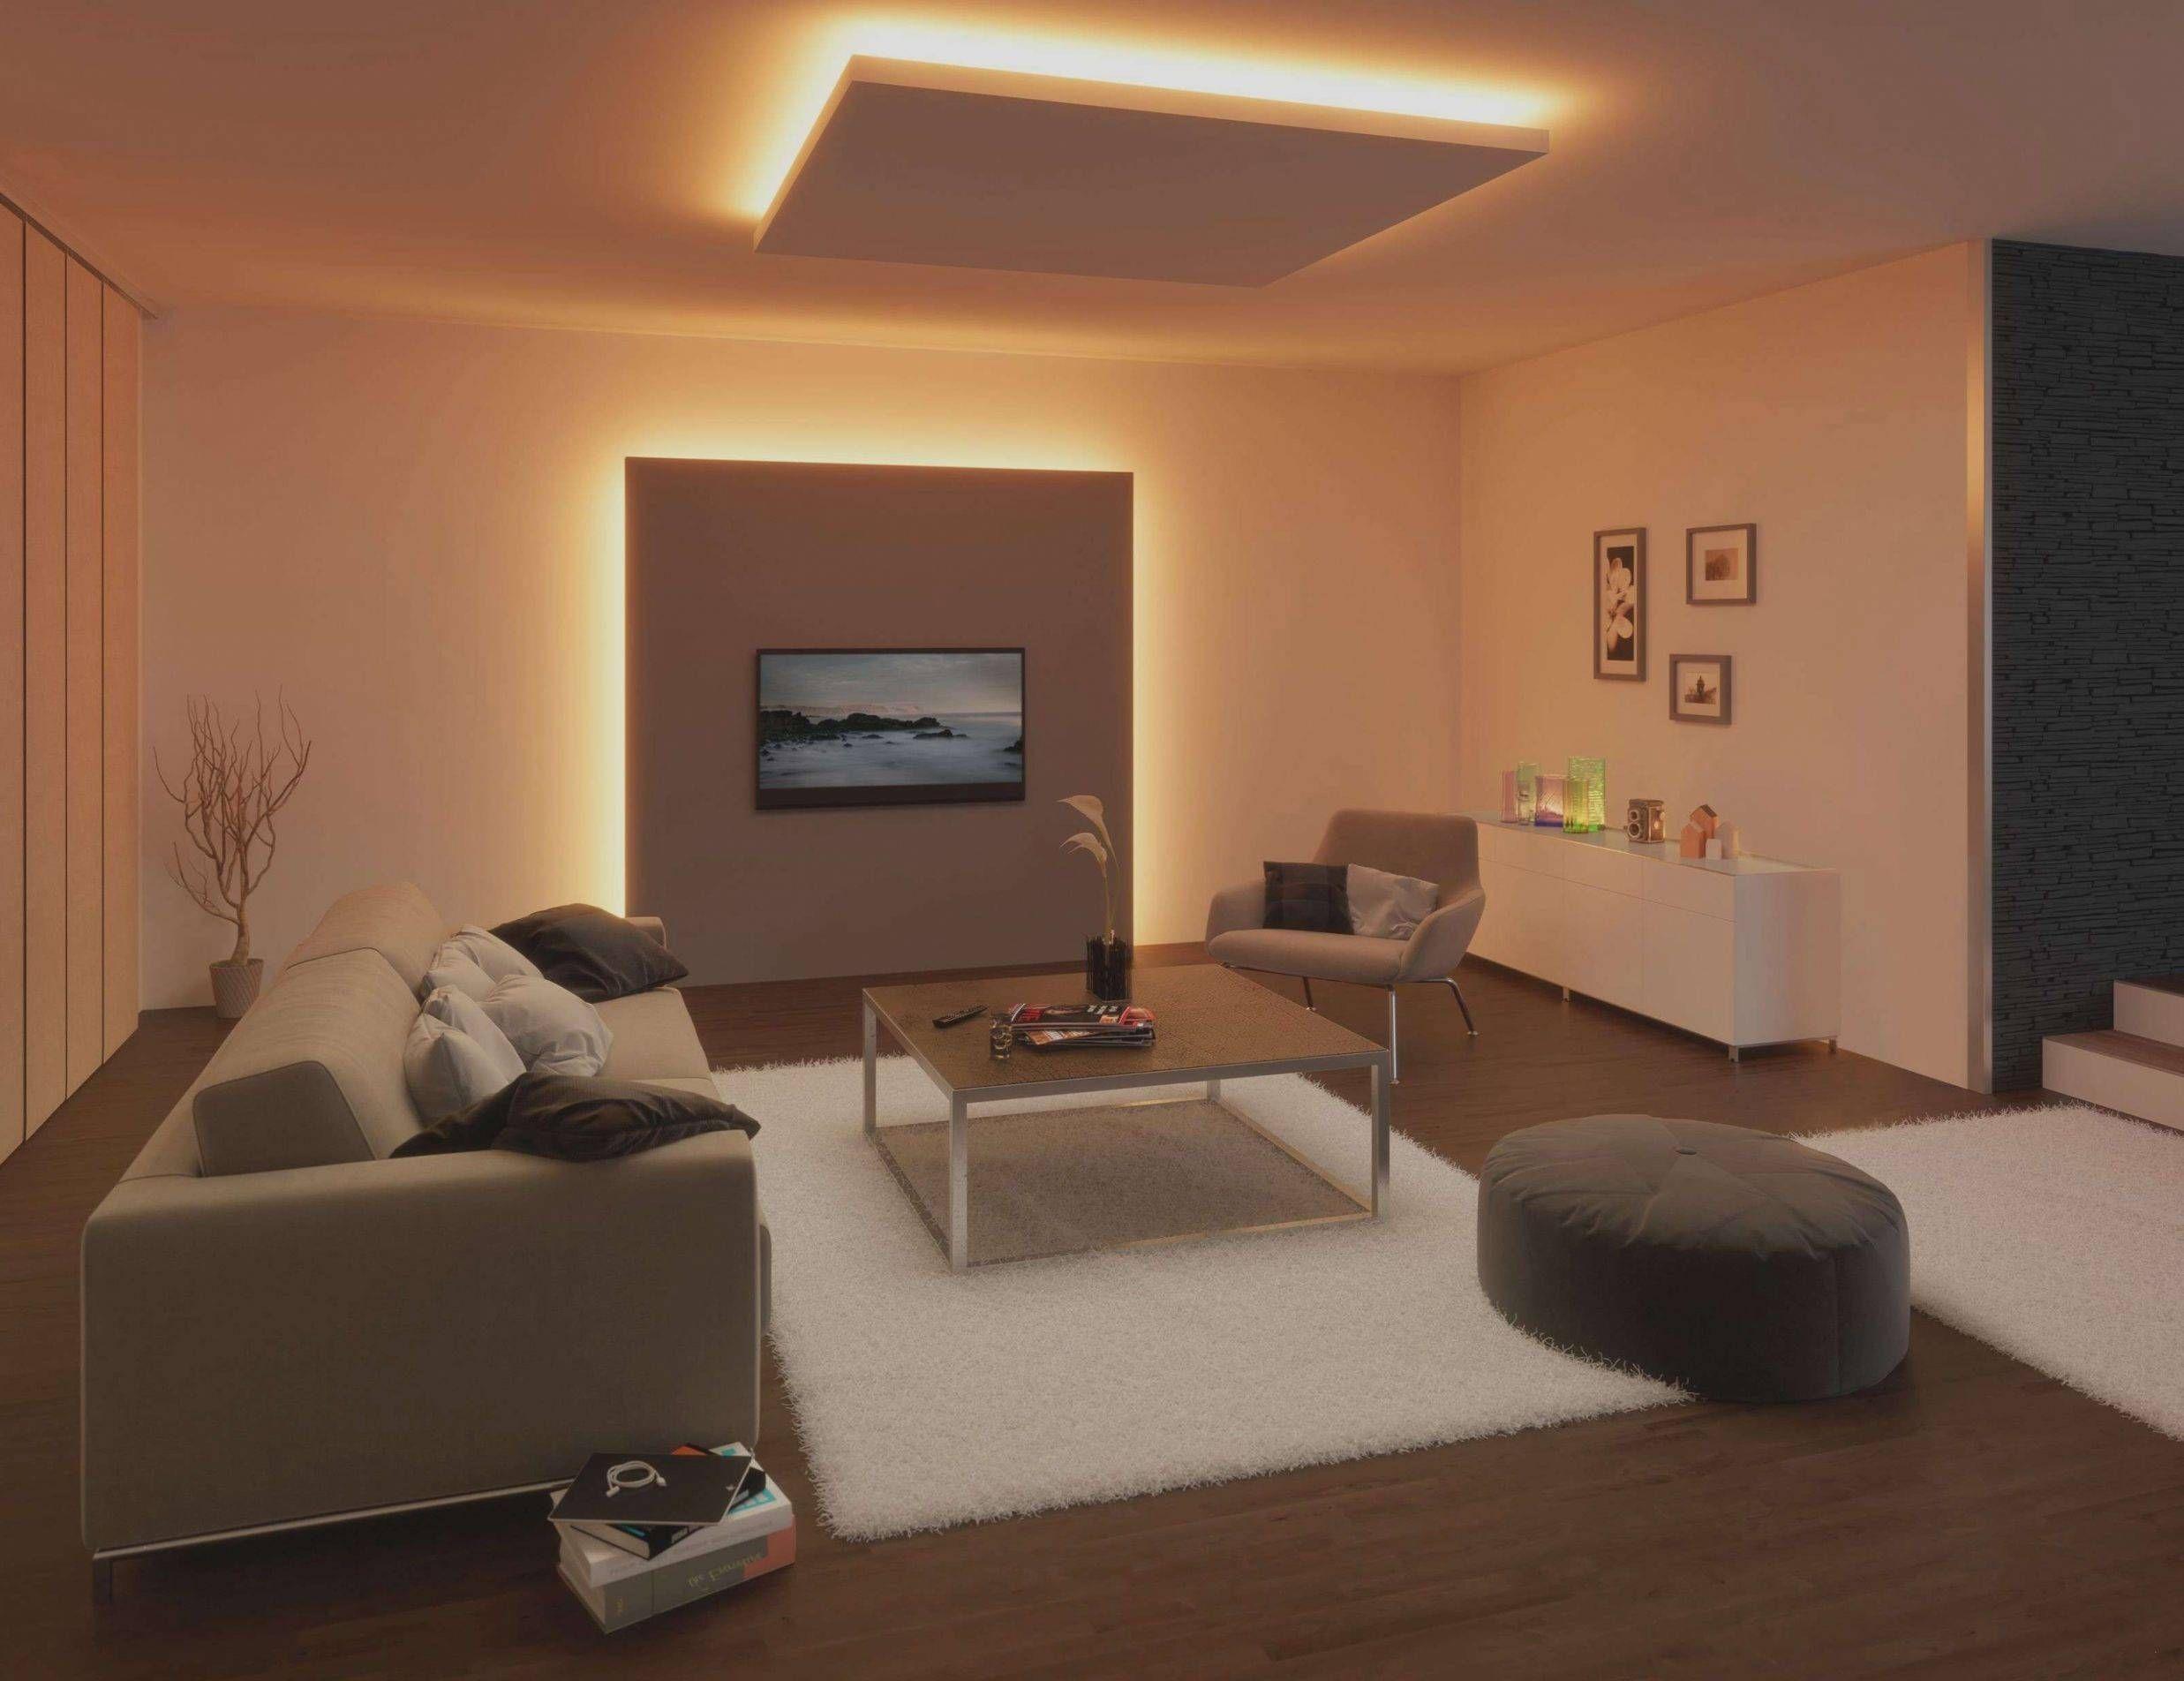 Unique Wandlampen Wohnzimmer Modern Ideas #dekoration #wohnideen